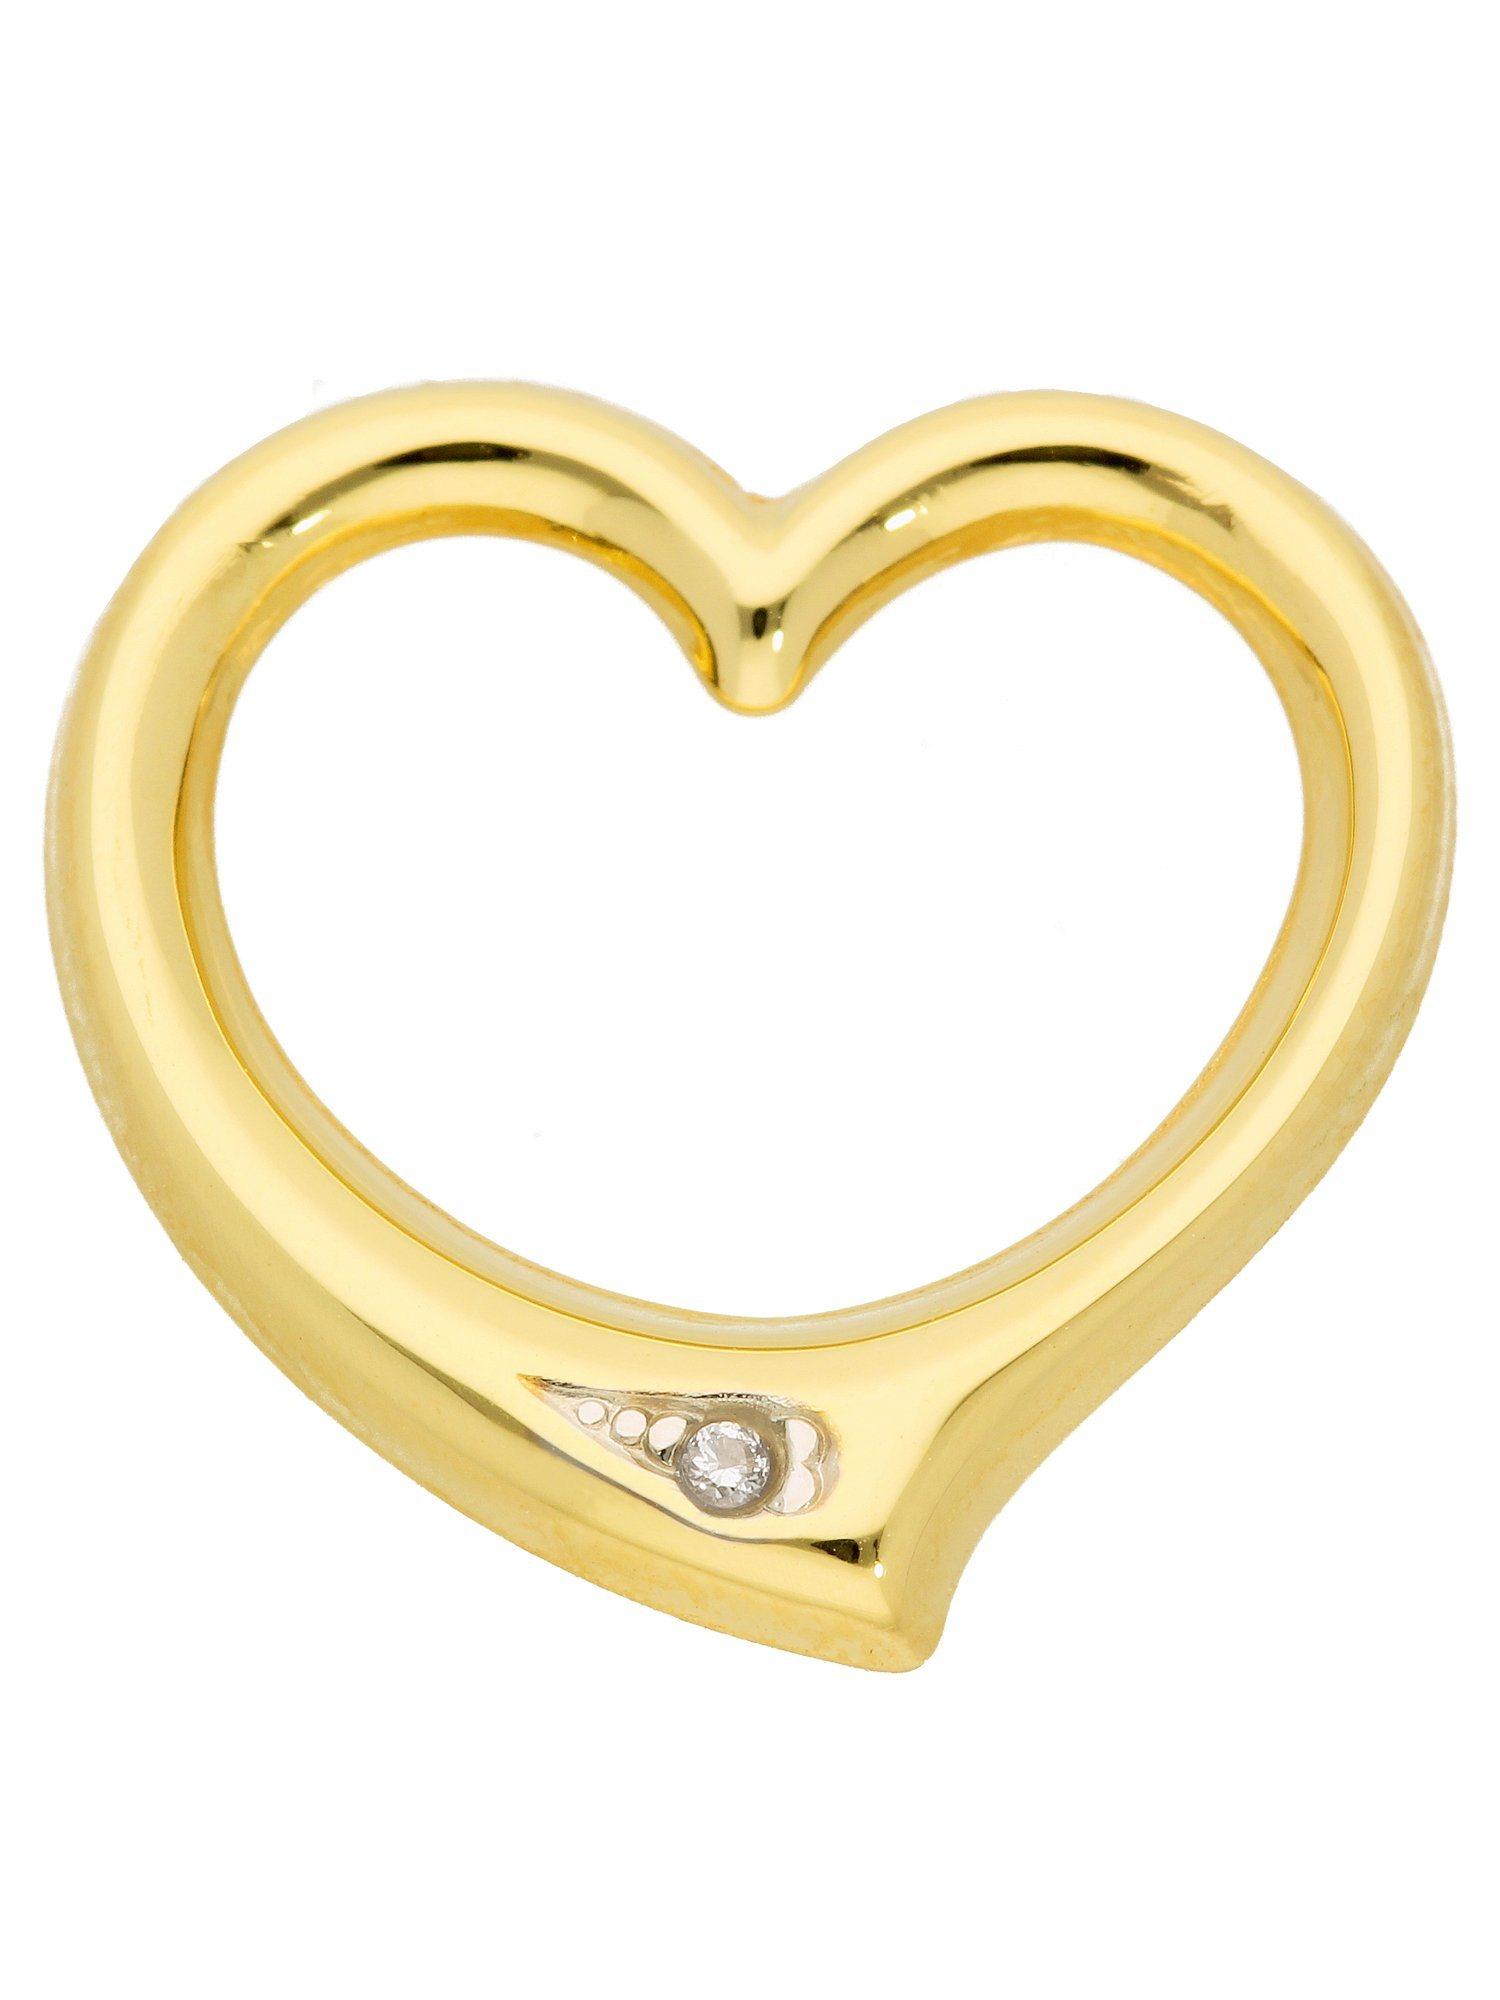 Adelia´s Kettenanhänger »Gold Anhänger« Swingheart 14 k 585 Gelbgold mit Diamant | Schmuck > Halsketten > Ketten ohne Anhänger | Goldfarben | Adelia´s